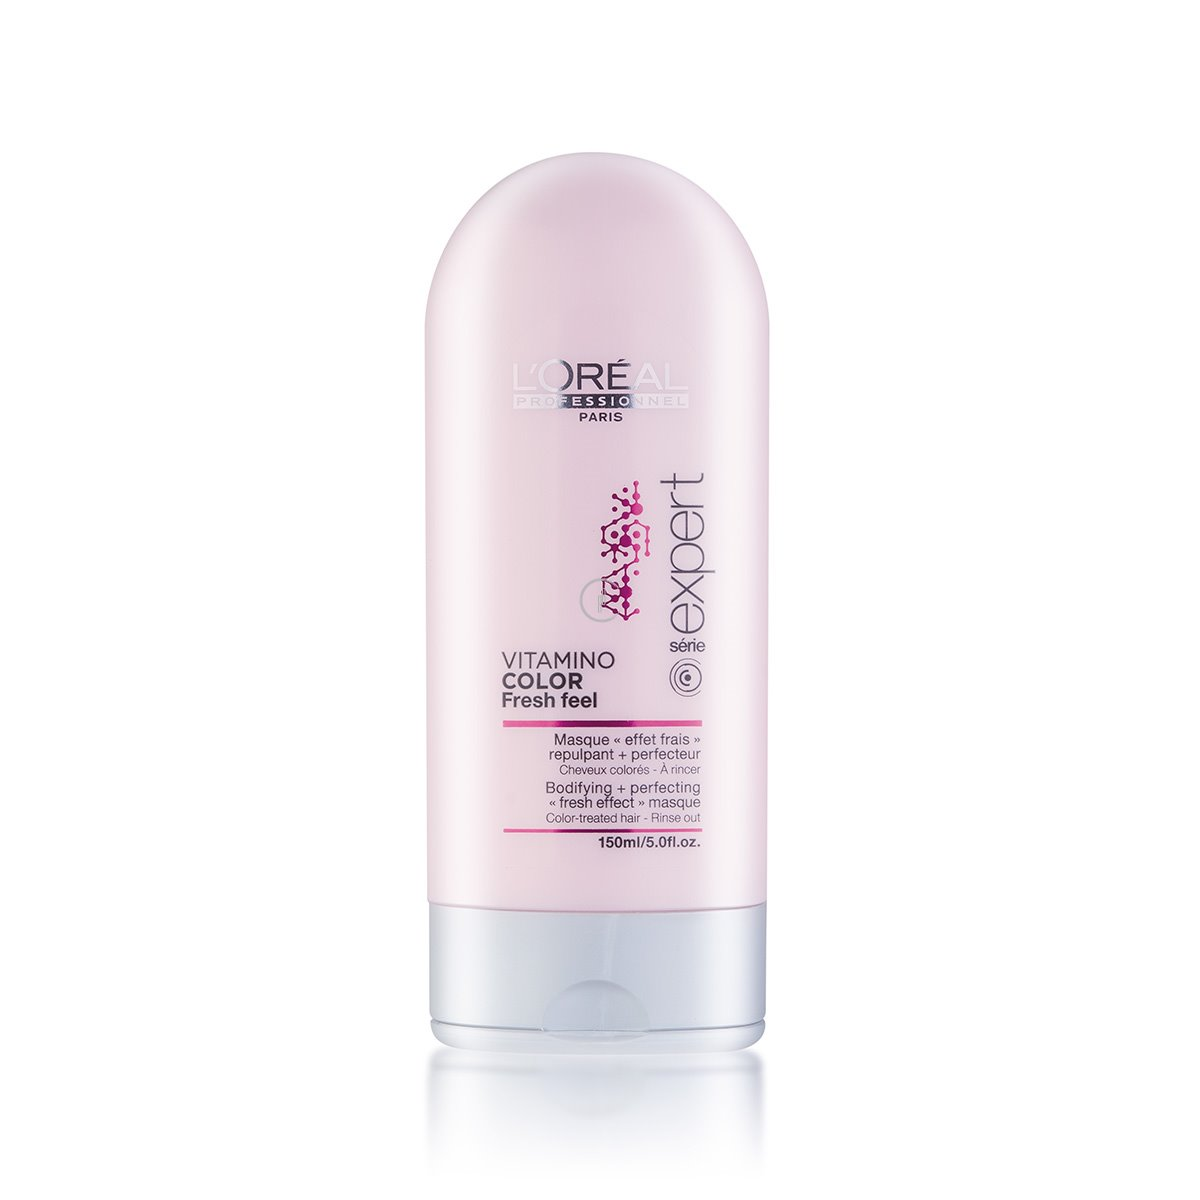 LOreal Professionnel INOA - Маска с освежающим эффектом для защиты цвета окрашенных волос Expert Vitamino Color Fresh Feel Masque 150 млE6202430Идеально подходит для волос, окрашенных. В сочетании с мягким шампунем без сульфатов Vitamino Color AOX Soft Cleanser освежающая маска защищает материю окрашенных волос. Профессиональные стилисты знают, что женщины мечтают о сохранении текстуры и блеска только что окрашенных волос как можно дольше. Нежная тающая текстура с освежающим эффектом разглаживает чешуйки волоса и мягко освежает кожу головы. Окрашенные волосы выглядят вновь как в первый день после окрашивания, становятся гладкими, послушными и сияющими. сохраняя насыщенность оттенка.